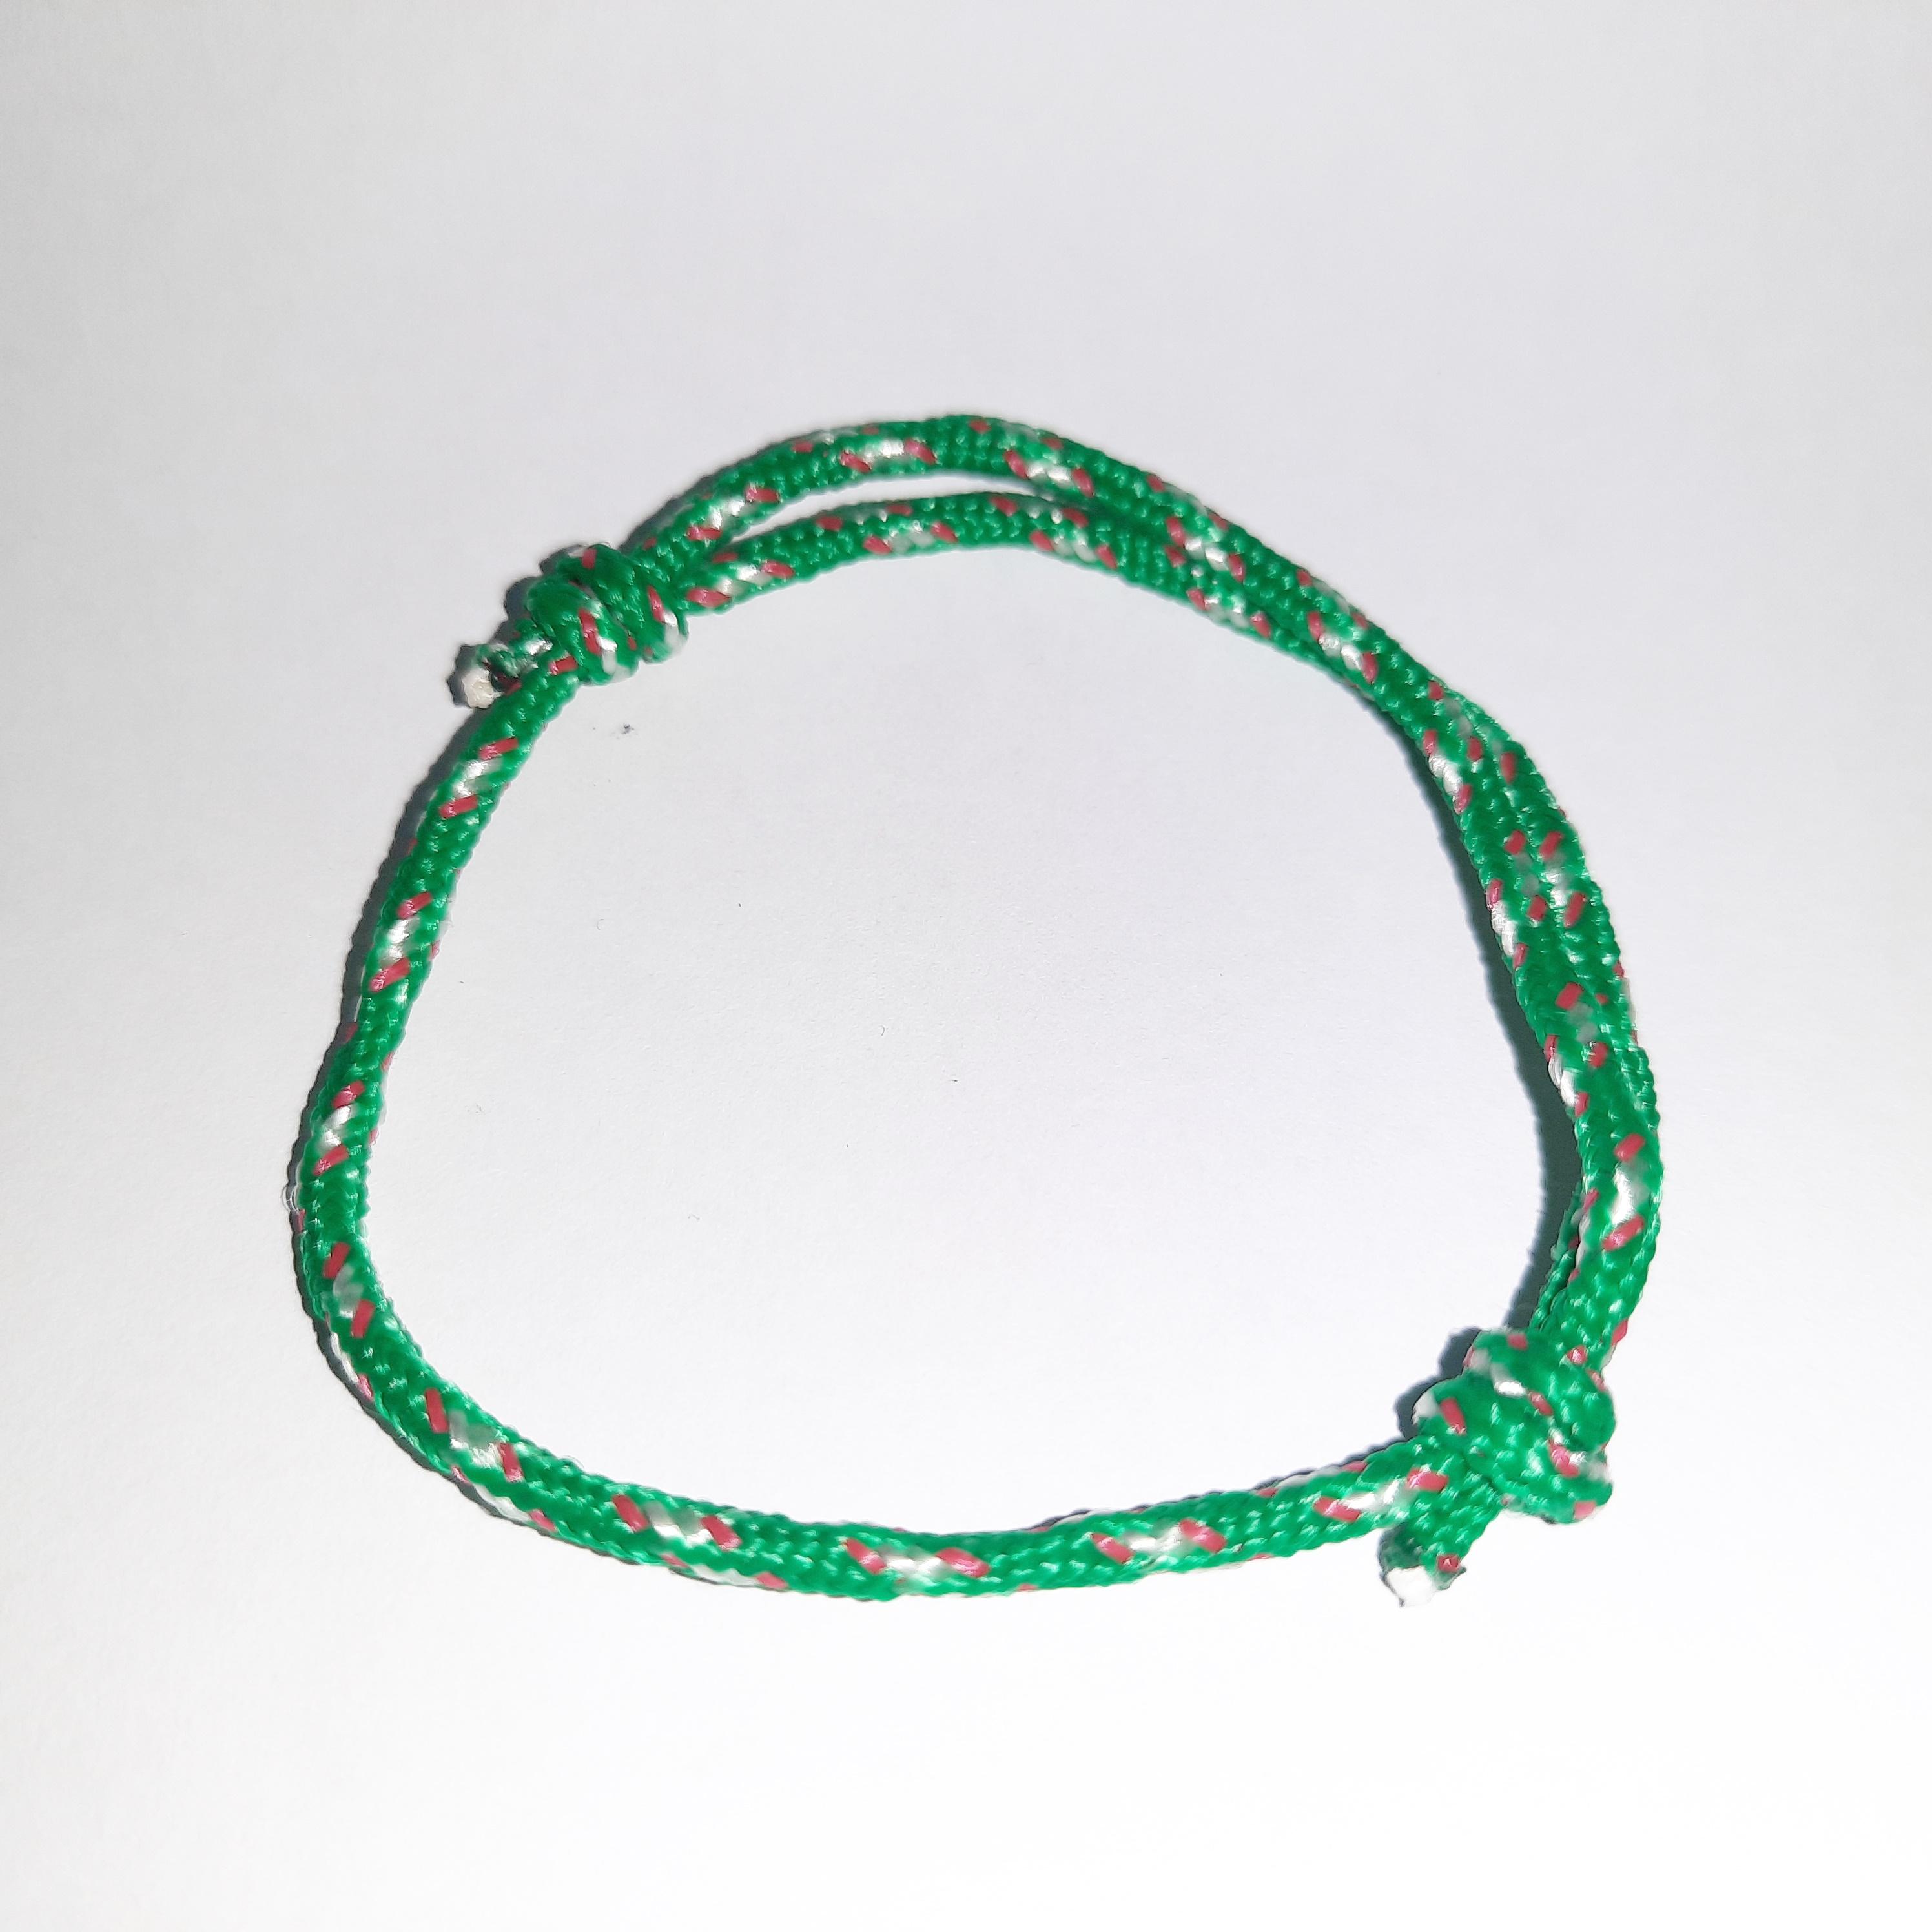 gelang tali prusik gembok bintang  gelang tali handmade / gelang custom / gelang tangan pria/wanita / gelang unik / gelang cantik / gelang fashion / gelang  / gelang tali custom  – random colour  nth86